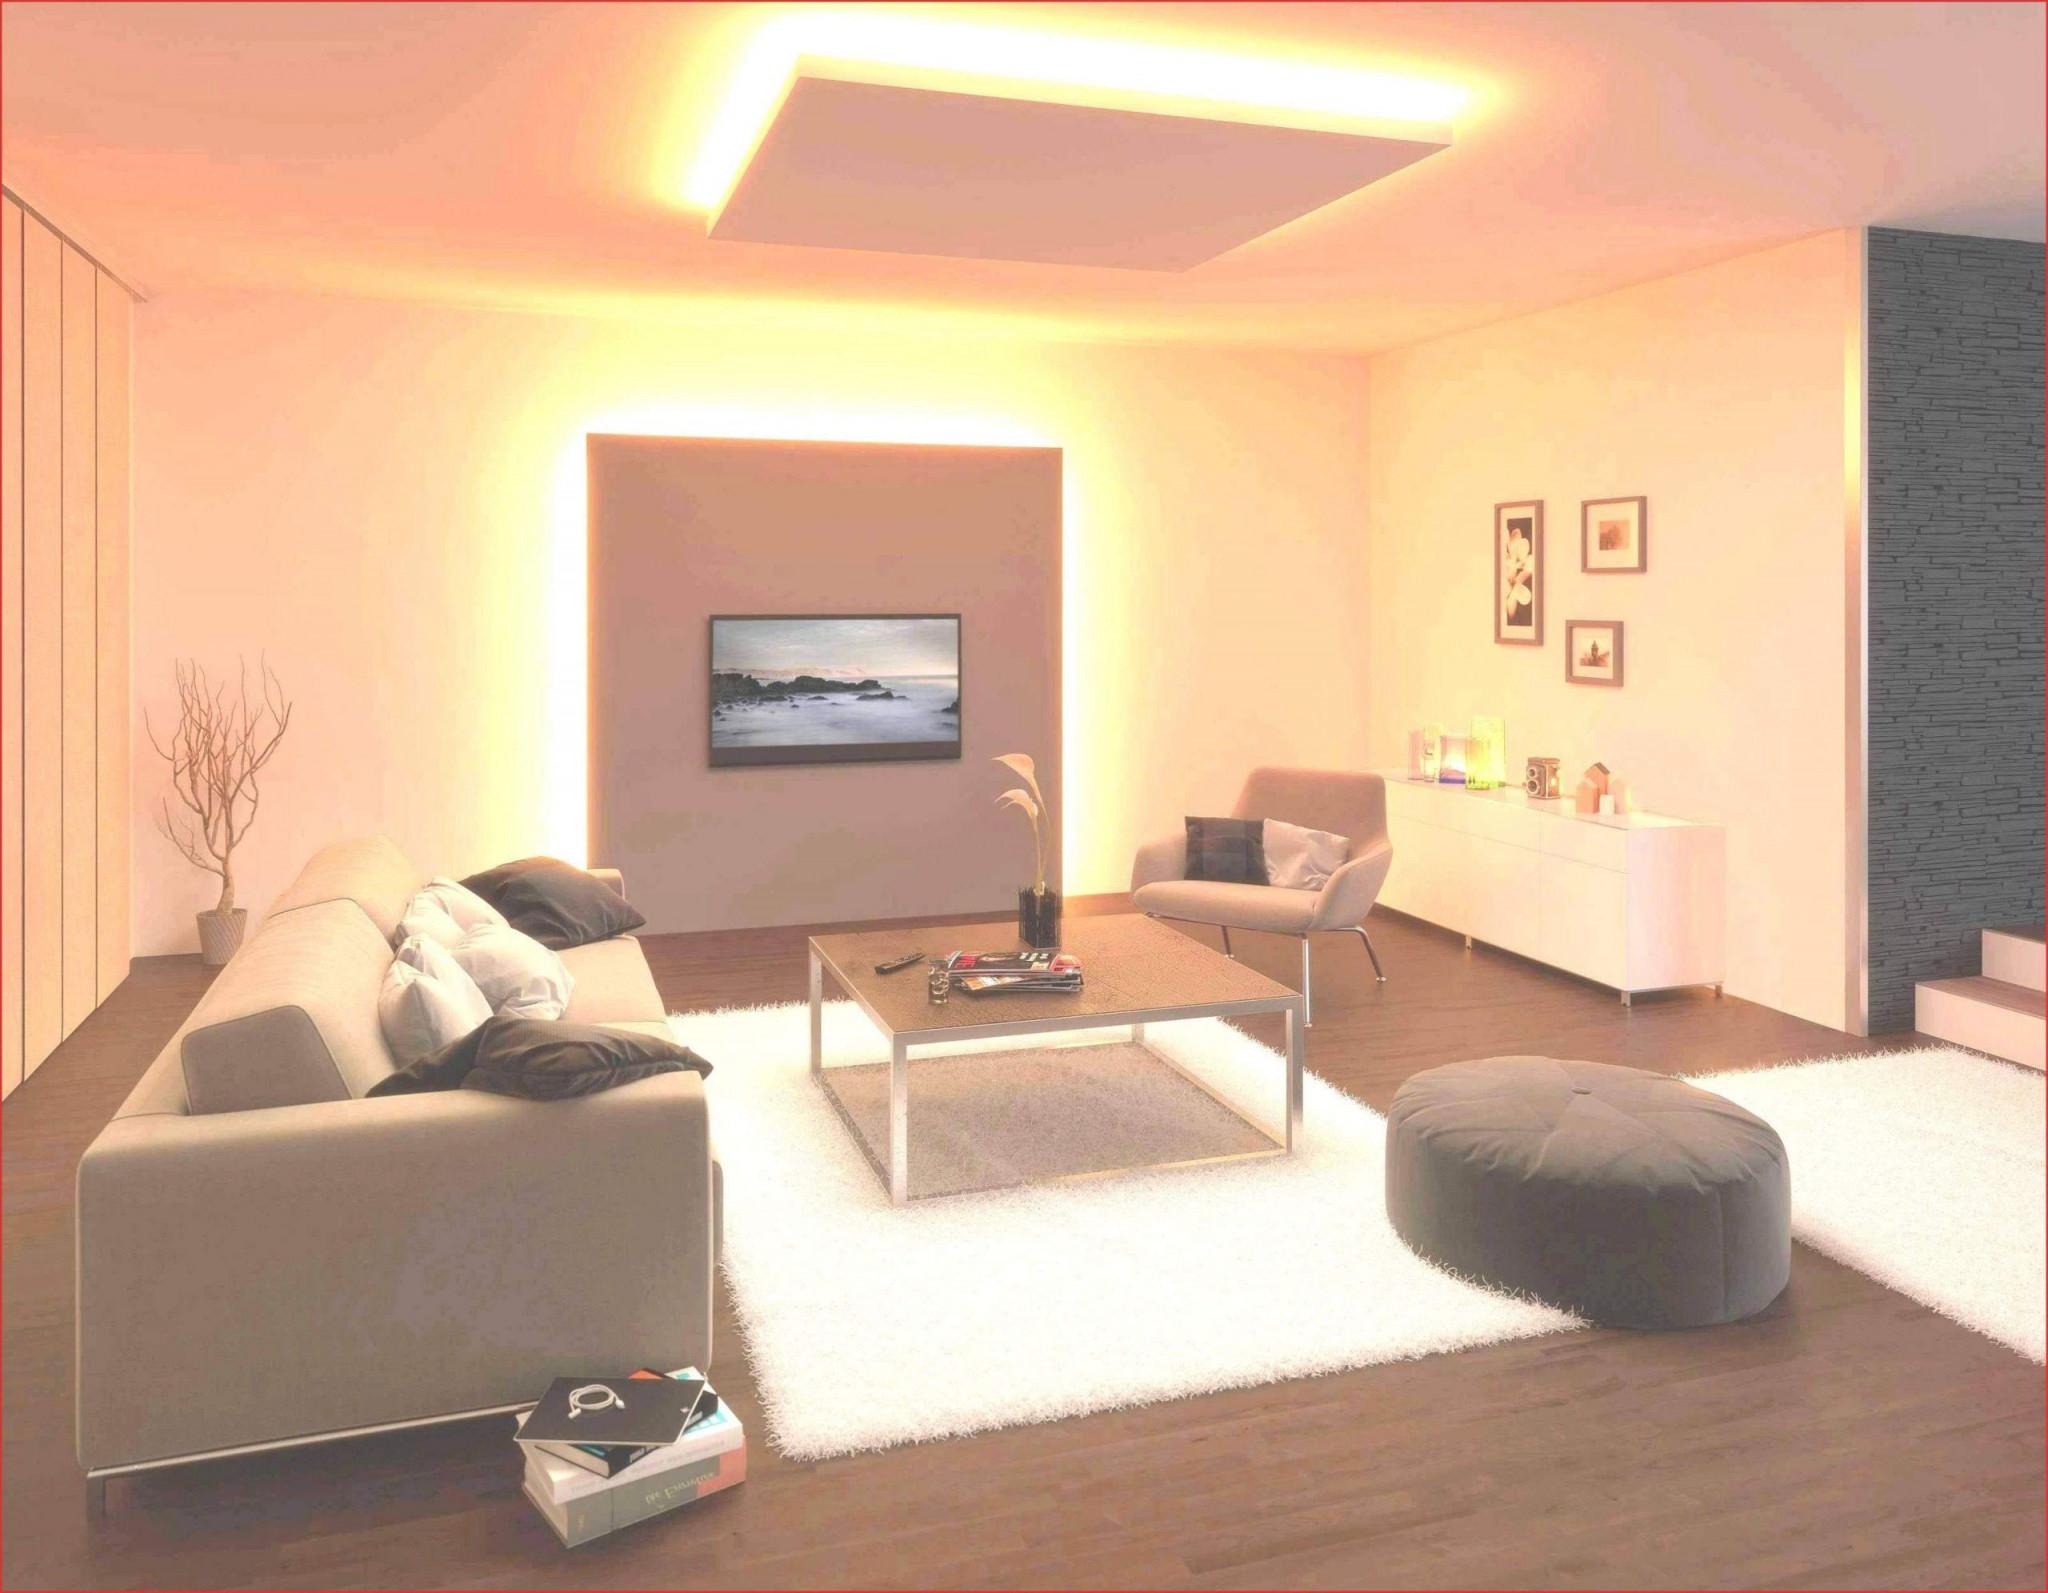 Wohnzimmer Led Deckenleuchte Neu 40 Frisch Wohnzimmer Led von Deckenleuchte Wohnzimmer Led Bild